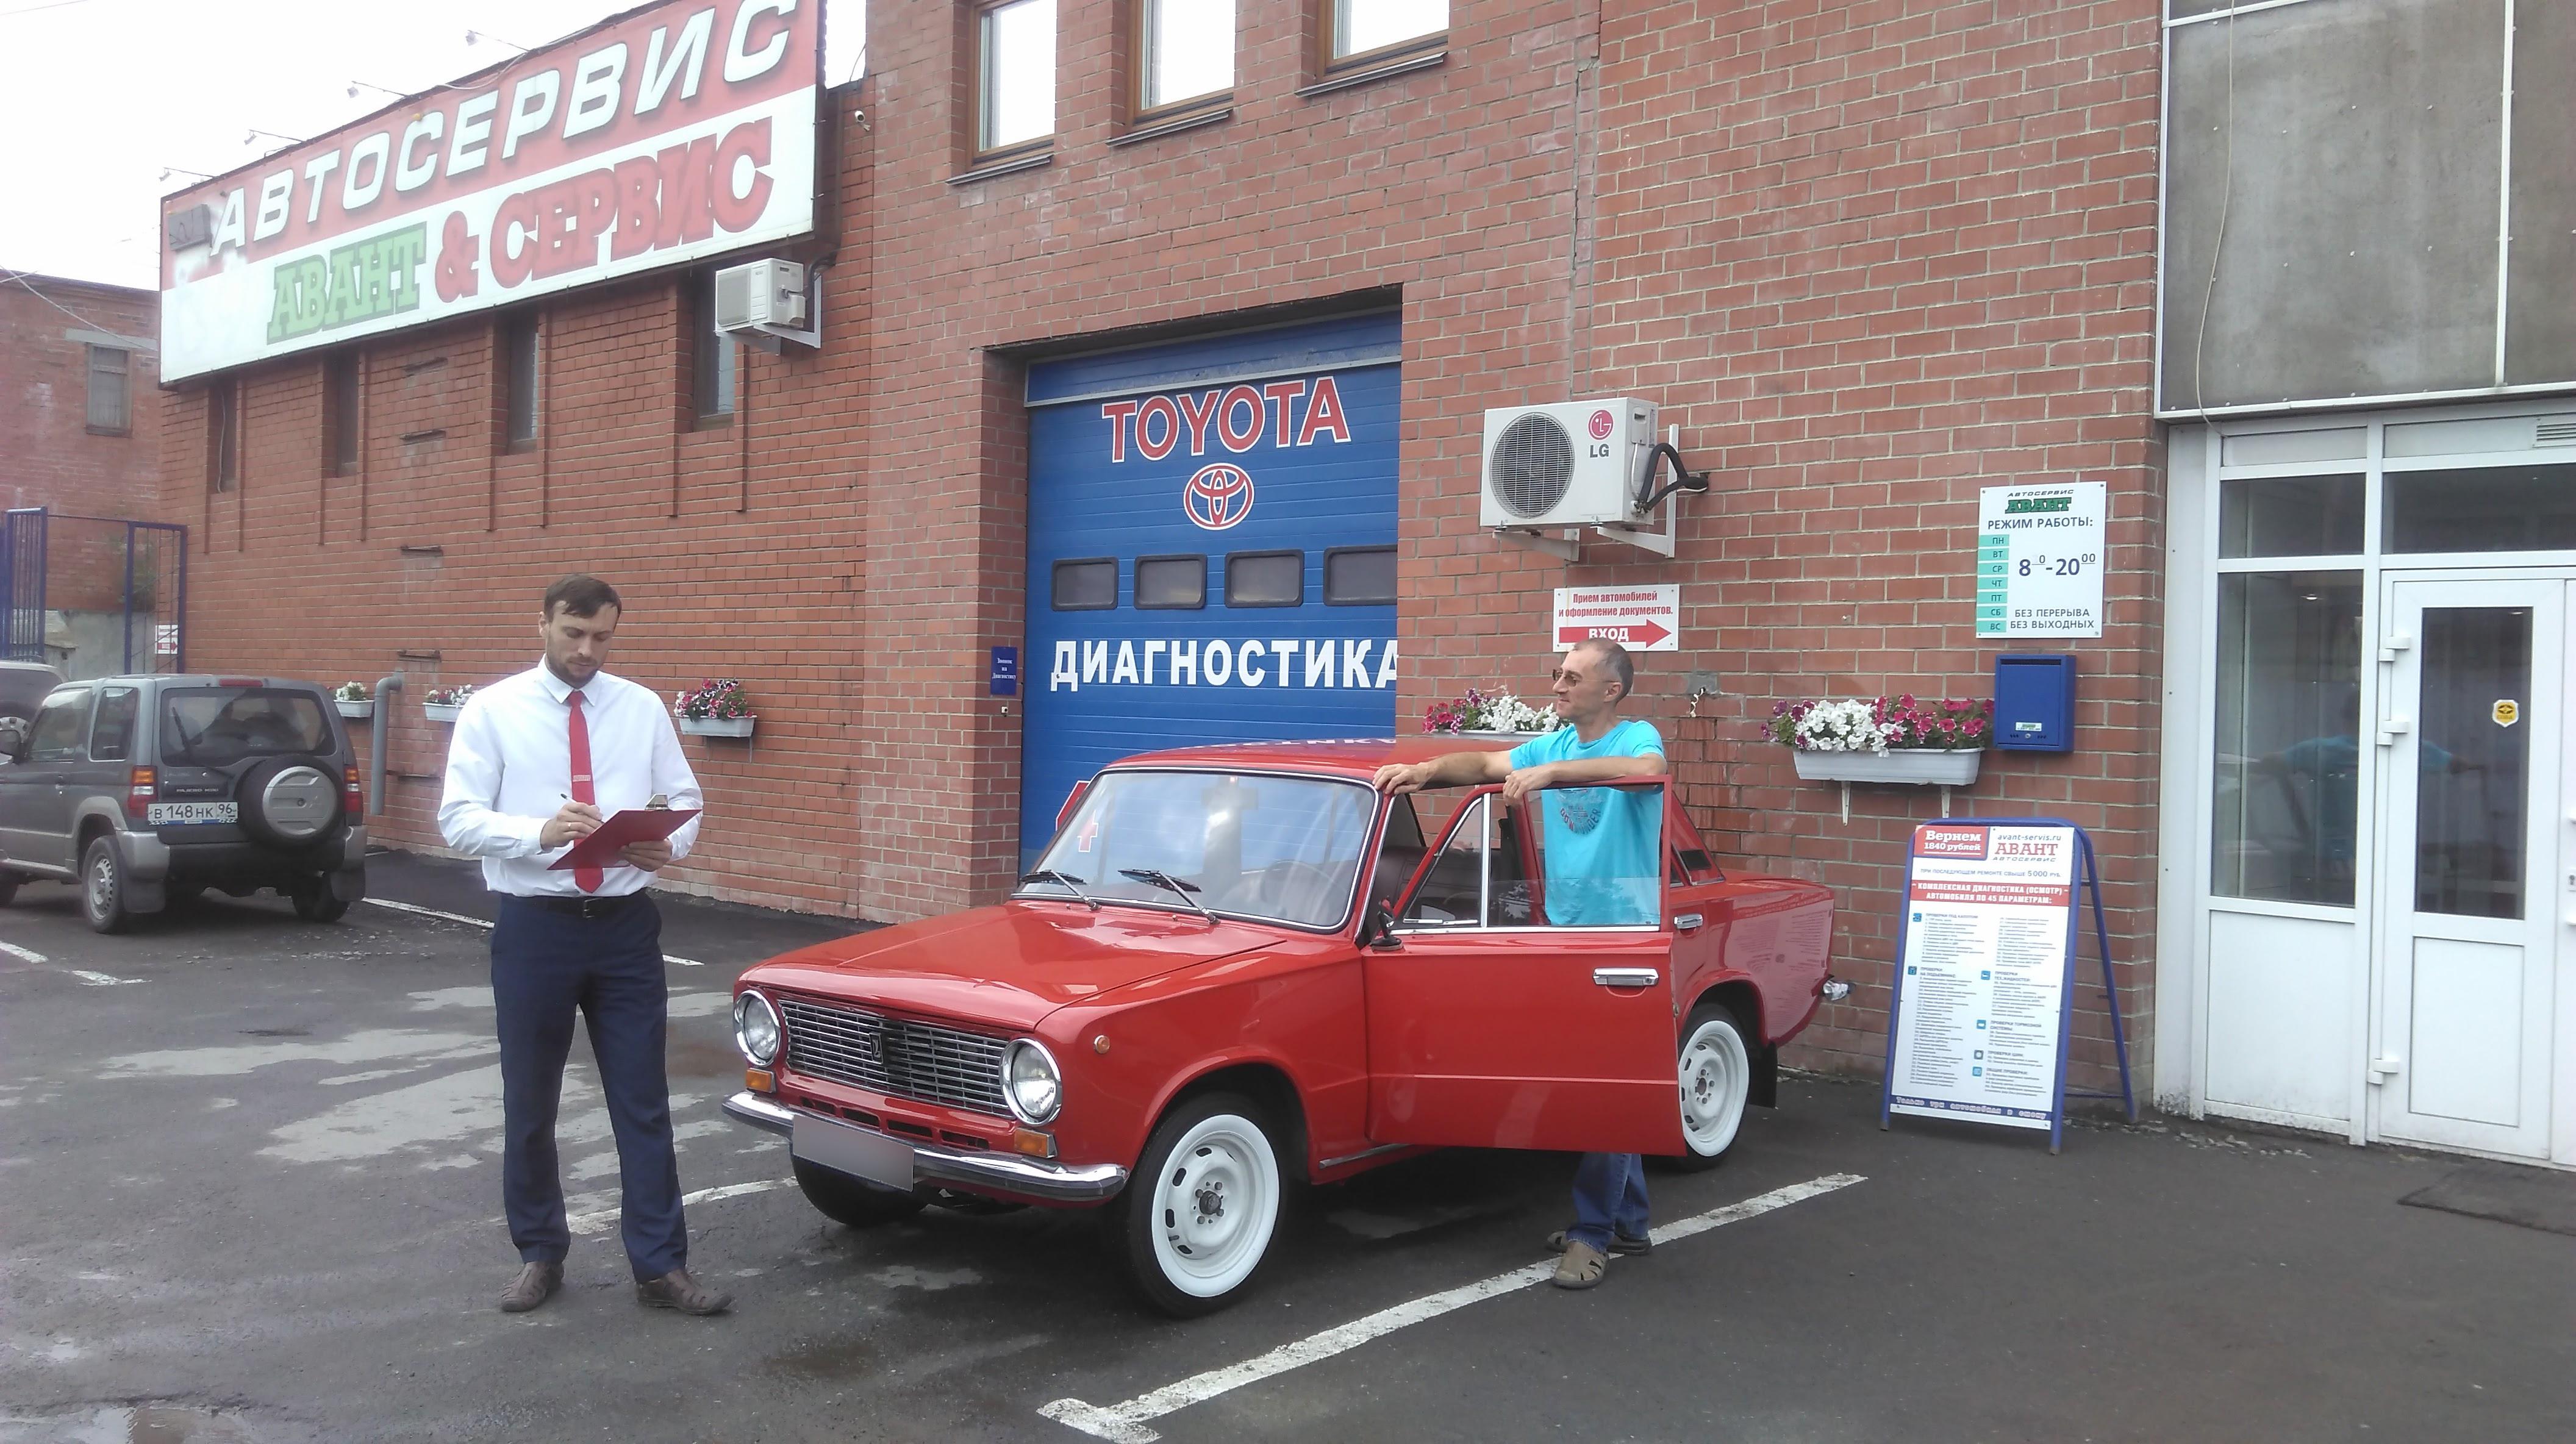 Автосервис в Академическом - Авант. Прием автомобиля.